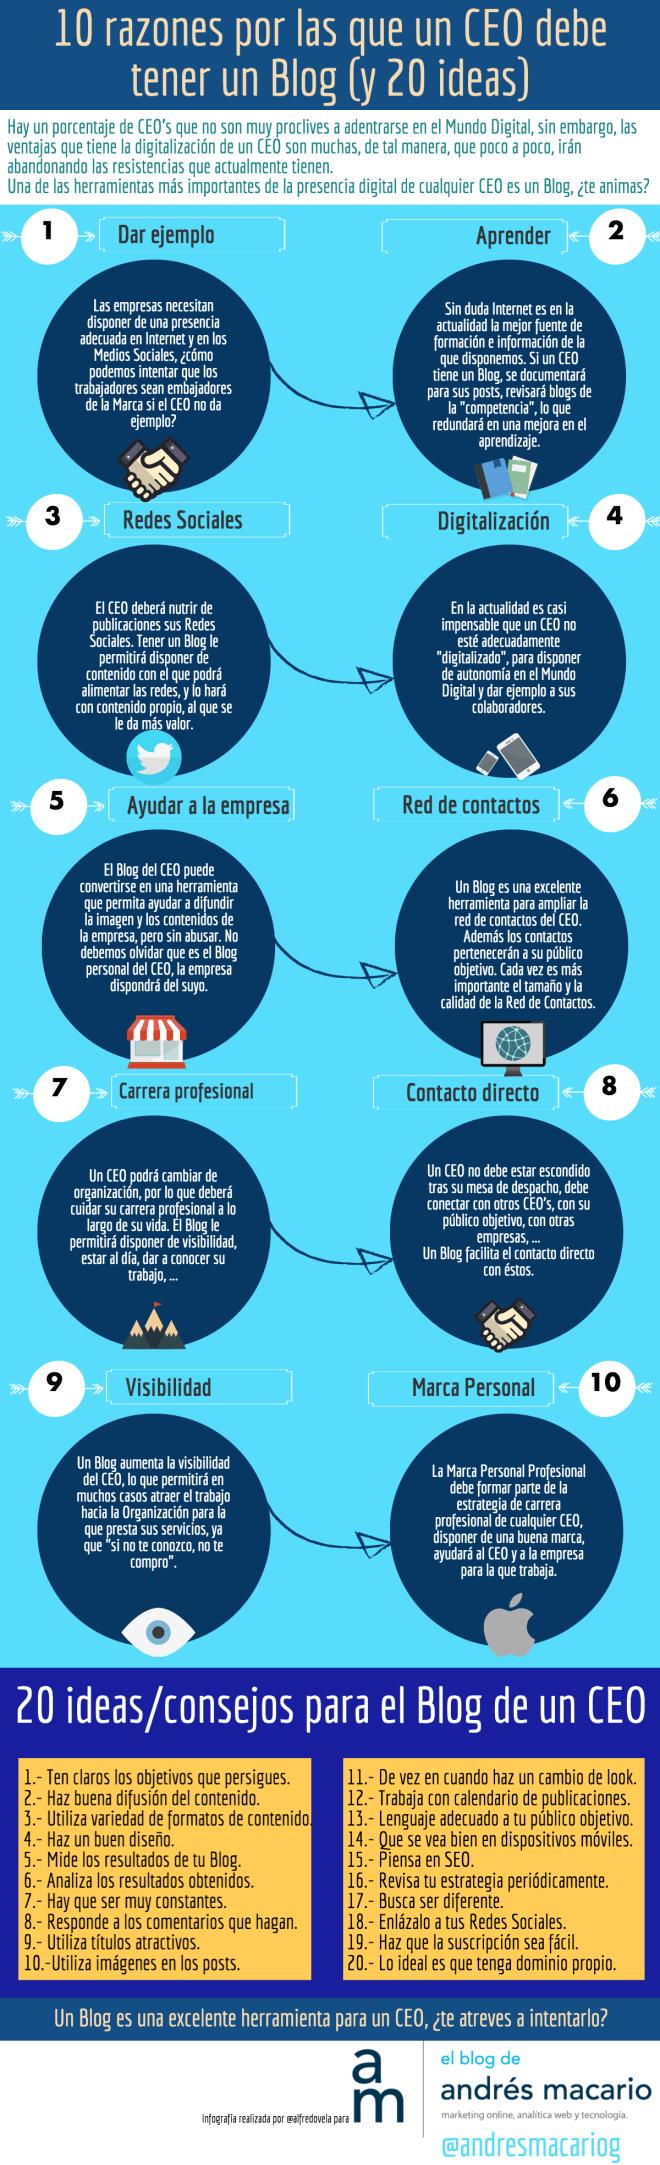 10 Razones por las que un CEO debe tener un Blog (y 20 ideas)